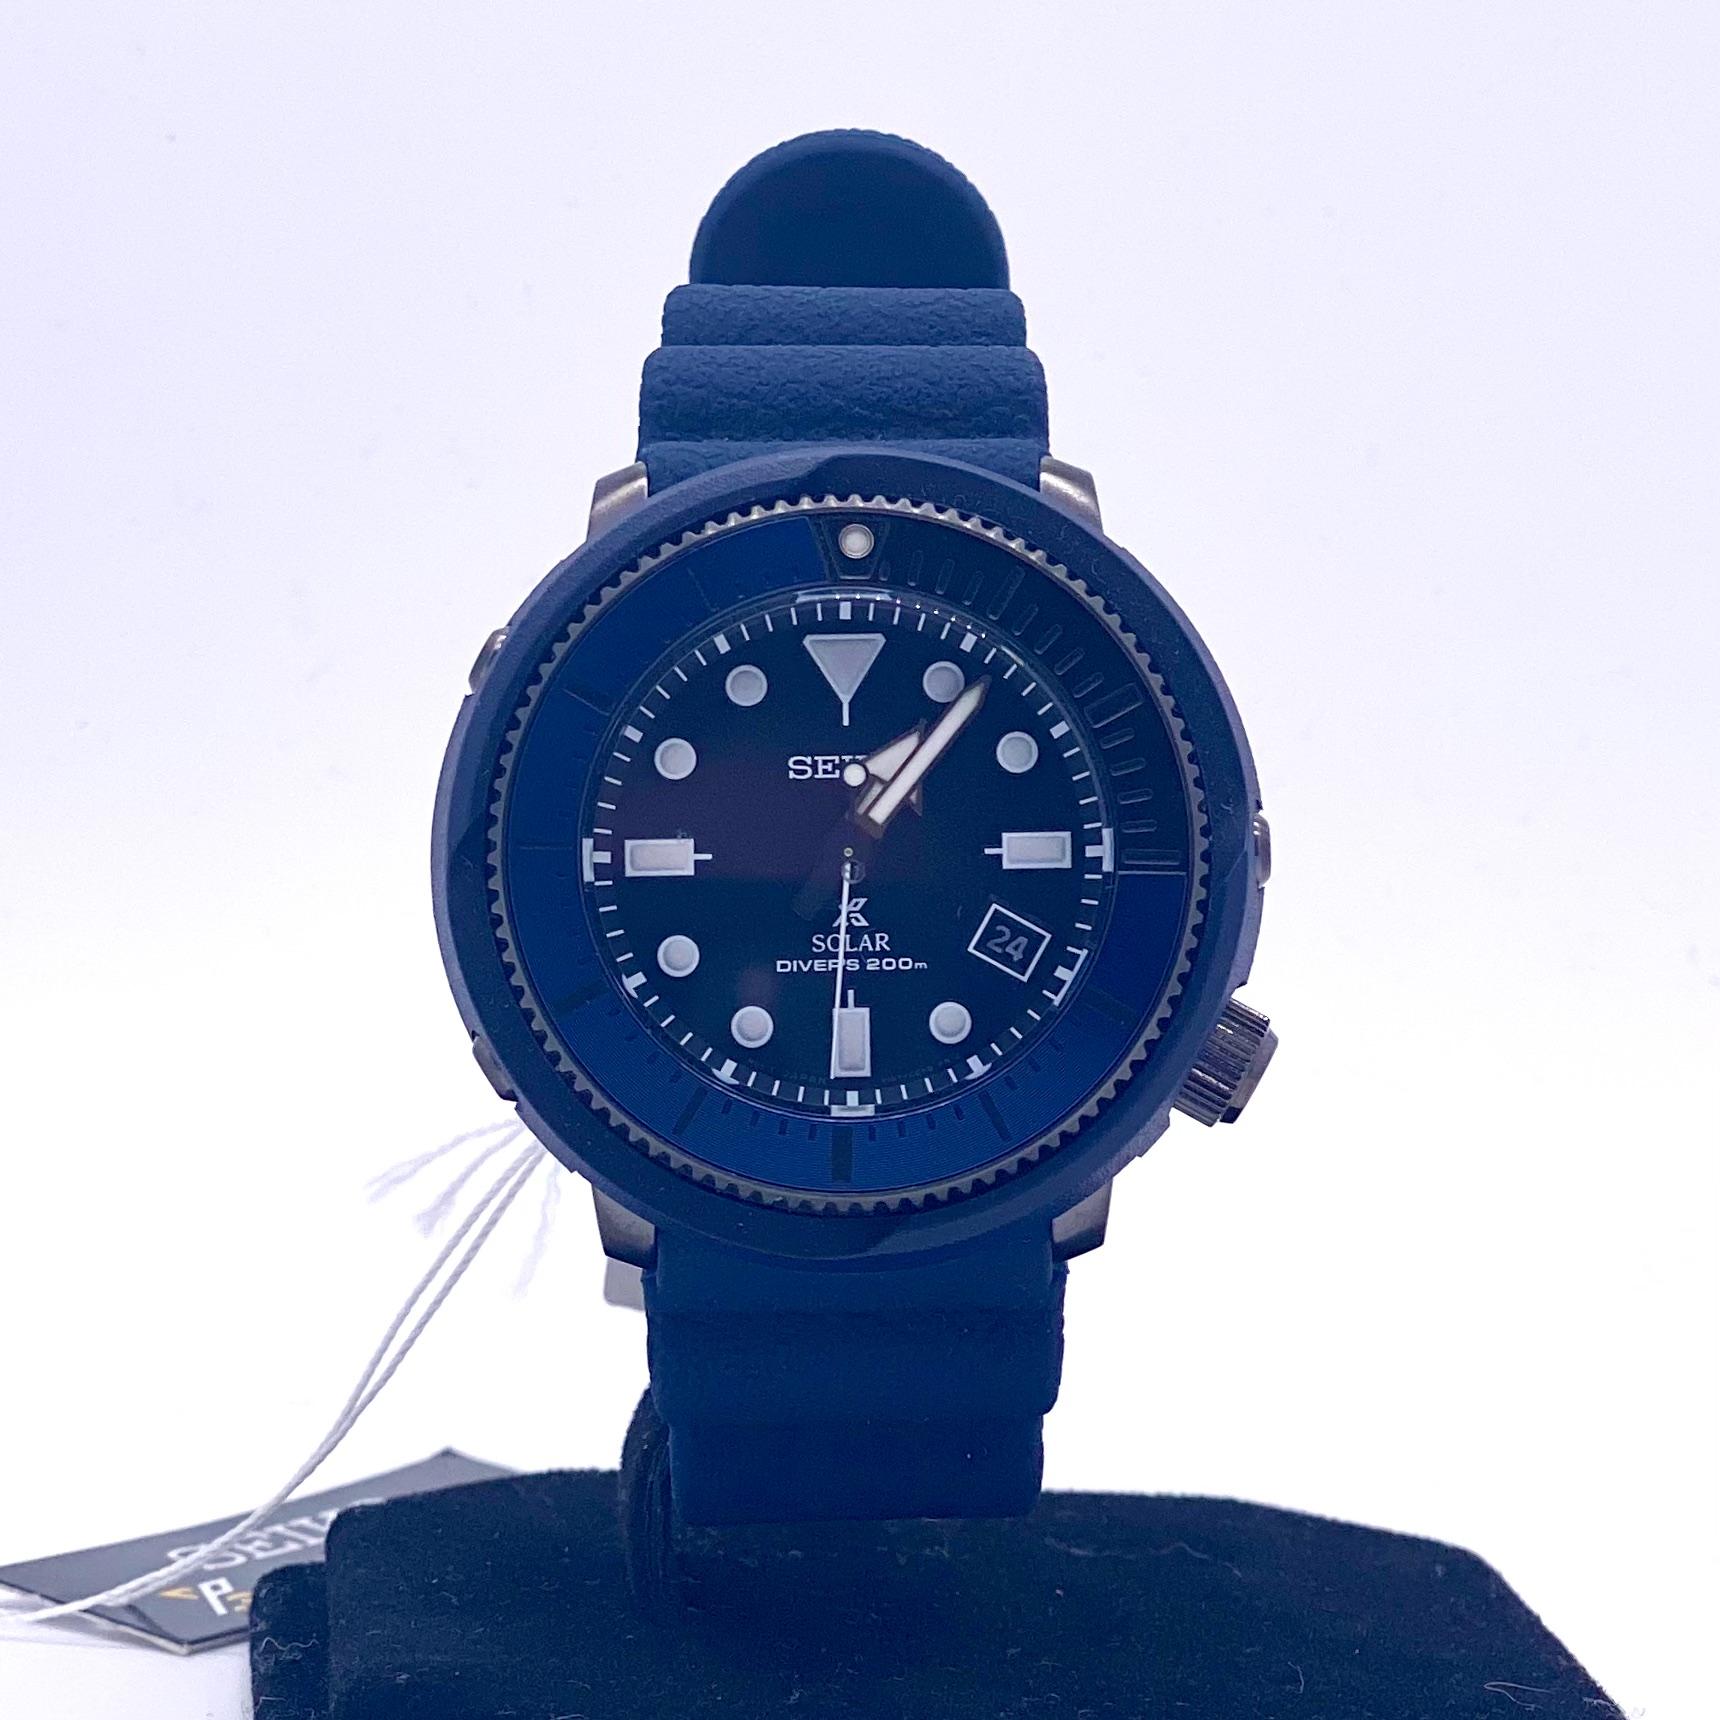 Seiko Prospex Diver ref SNE533P1